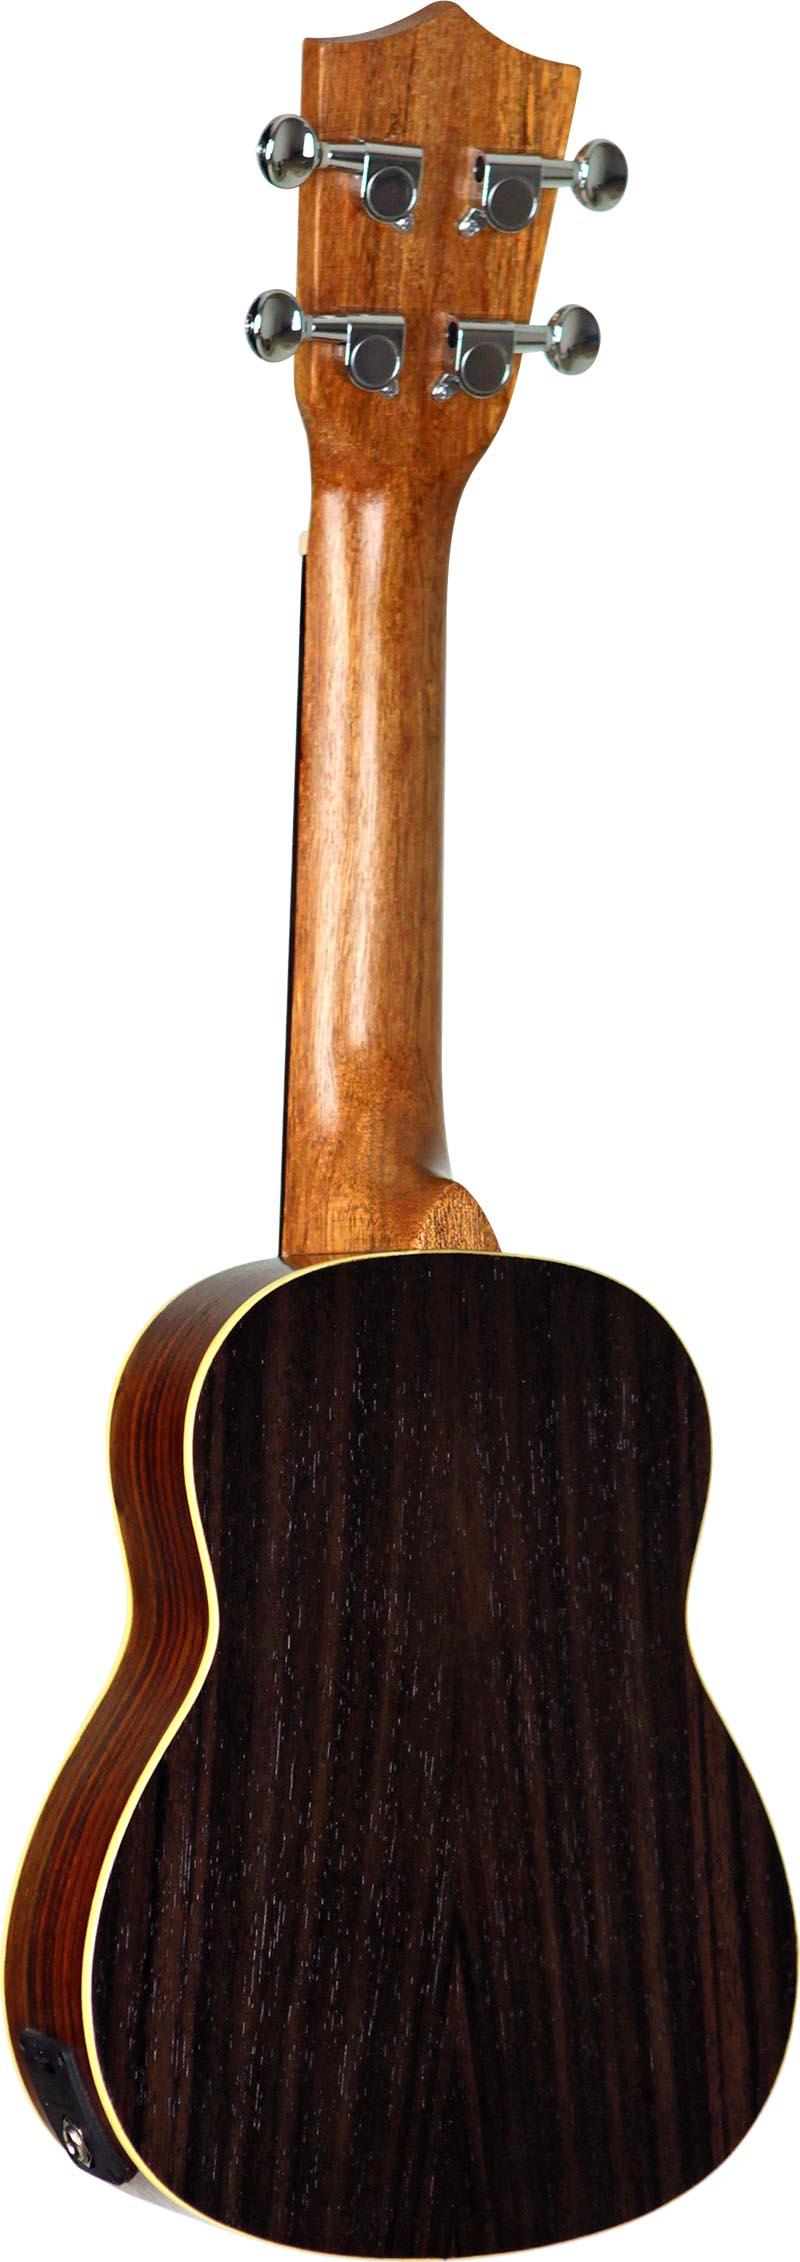 su21re ukulele soprano eletroacustico shelby su21re stnt jacaranda acetinado visao posterior vertical